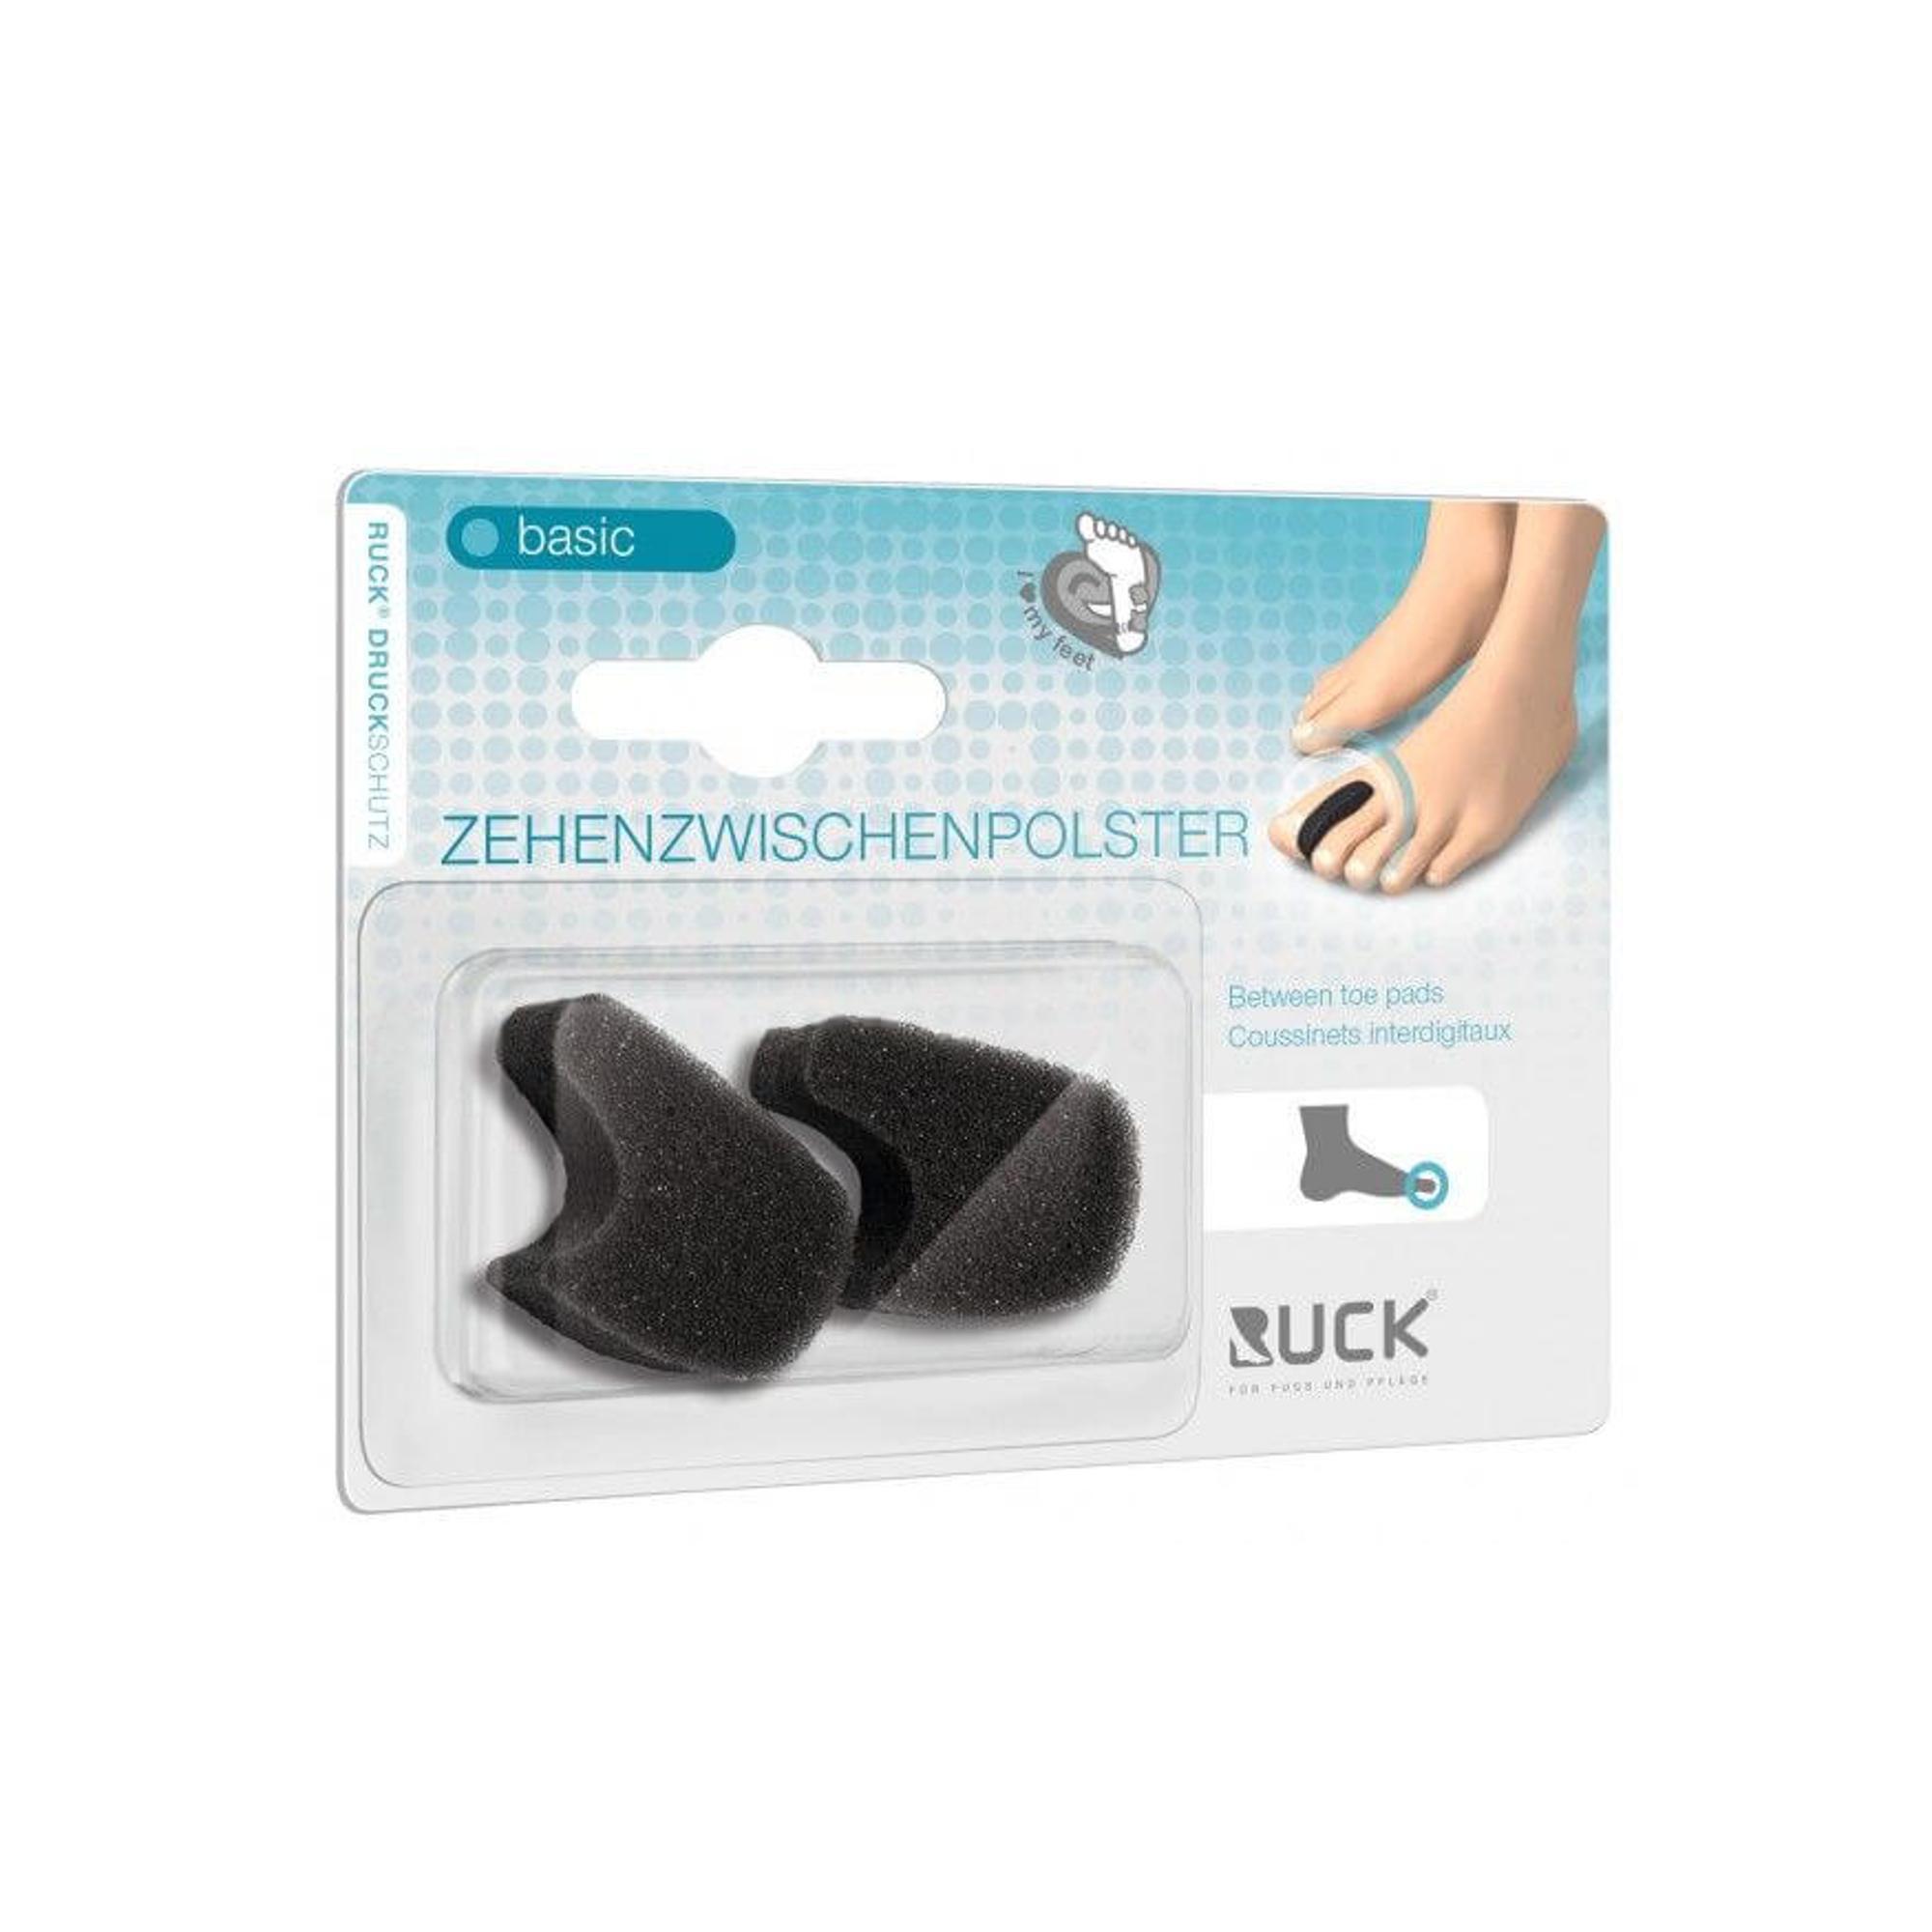 Séparateur d'orteils en mousse souple - 2 ou 10 pièces - 4 tailles disponibles - Ruck